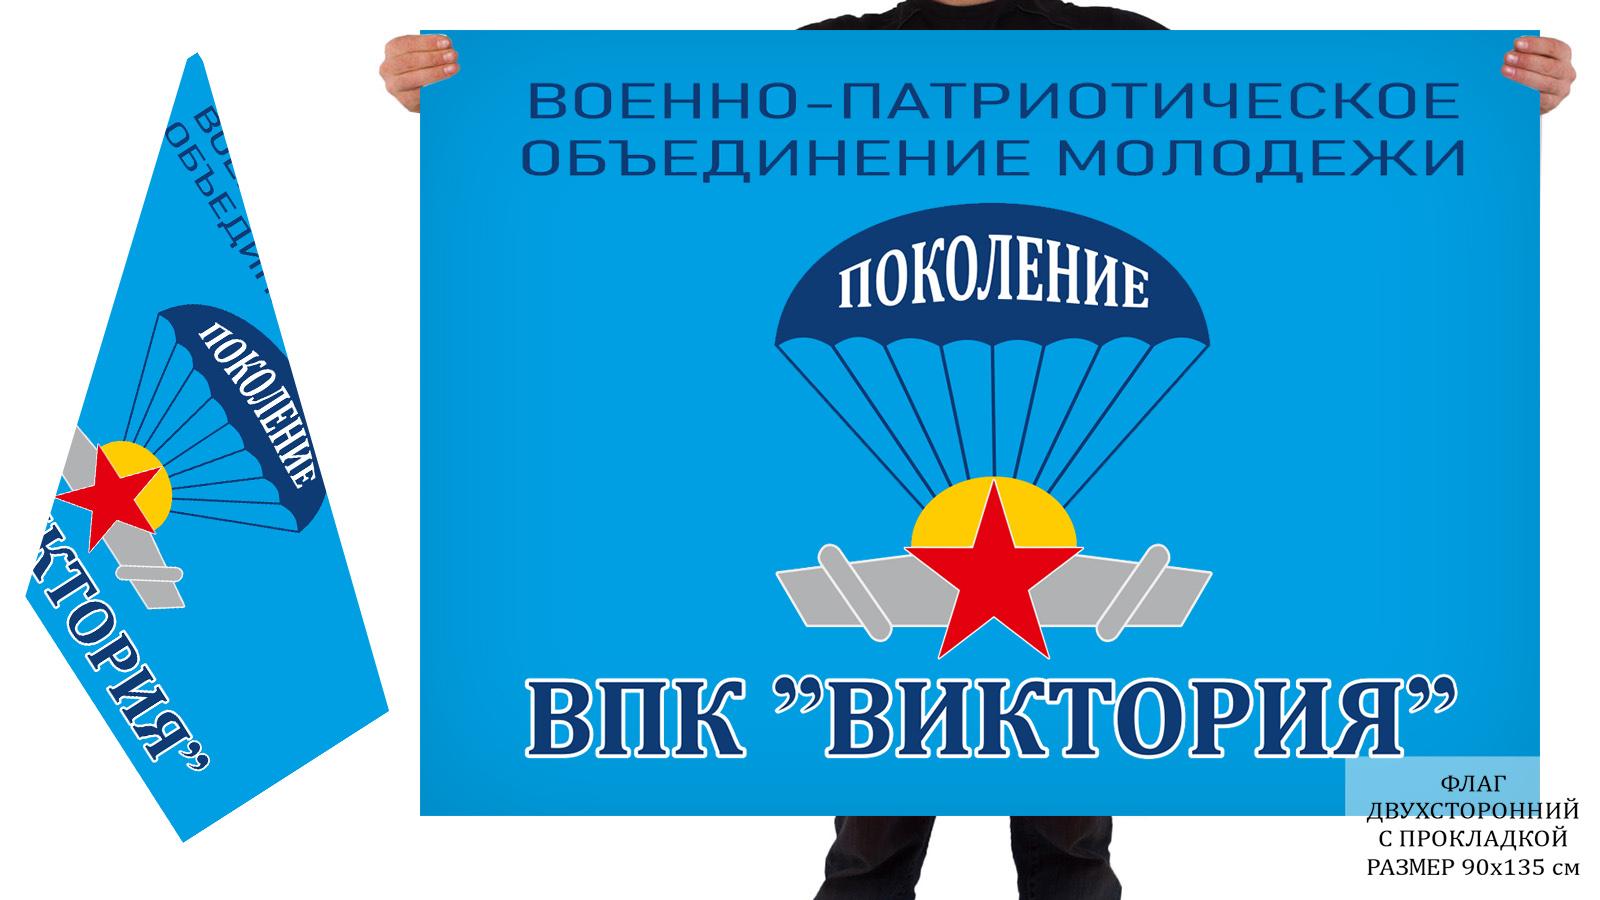 Двусторонний флаг ВПК Виктория